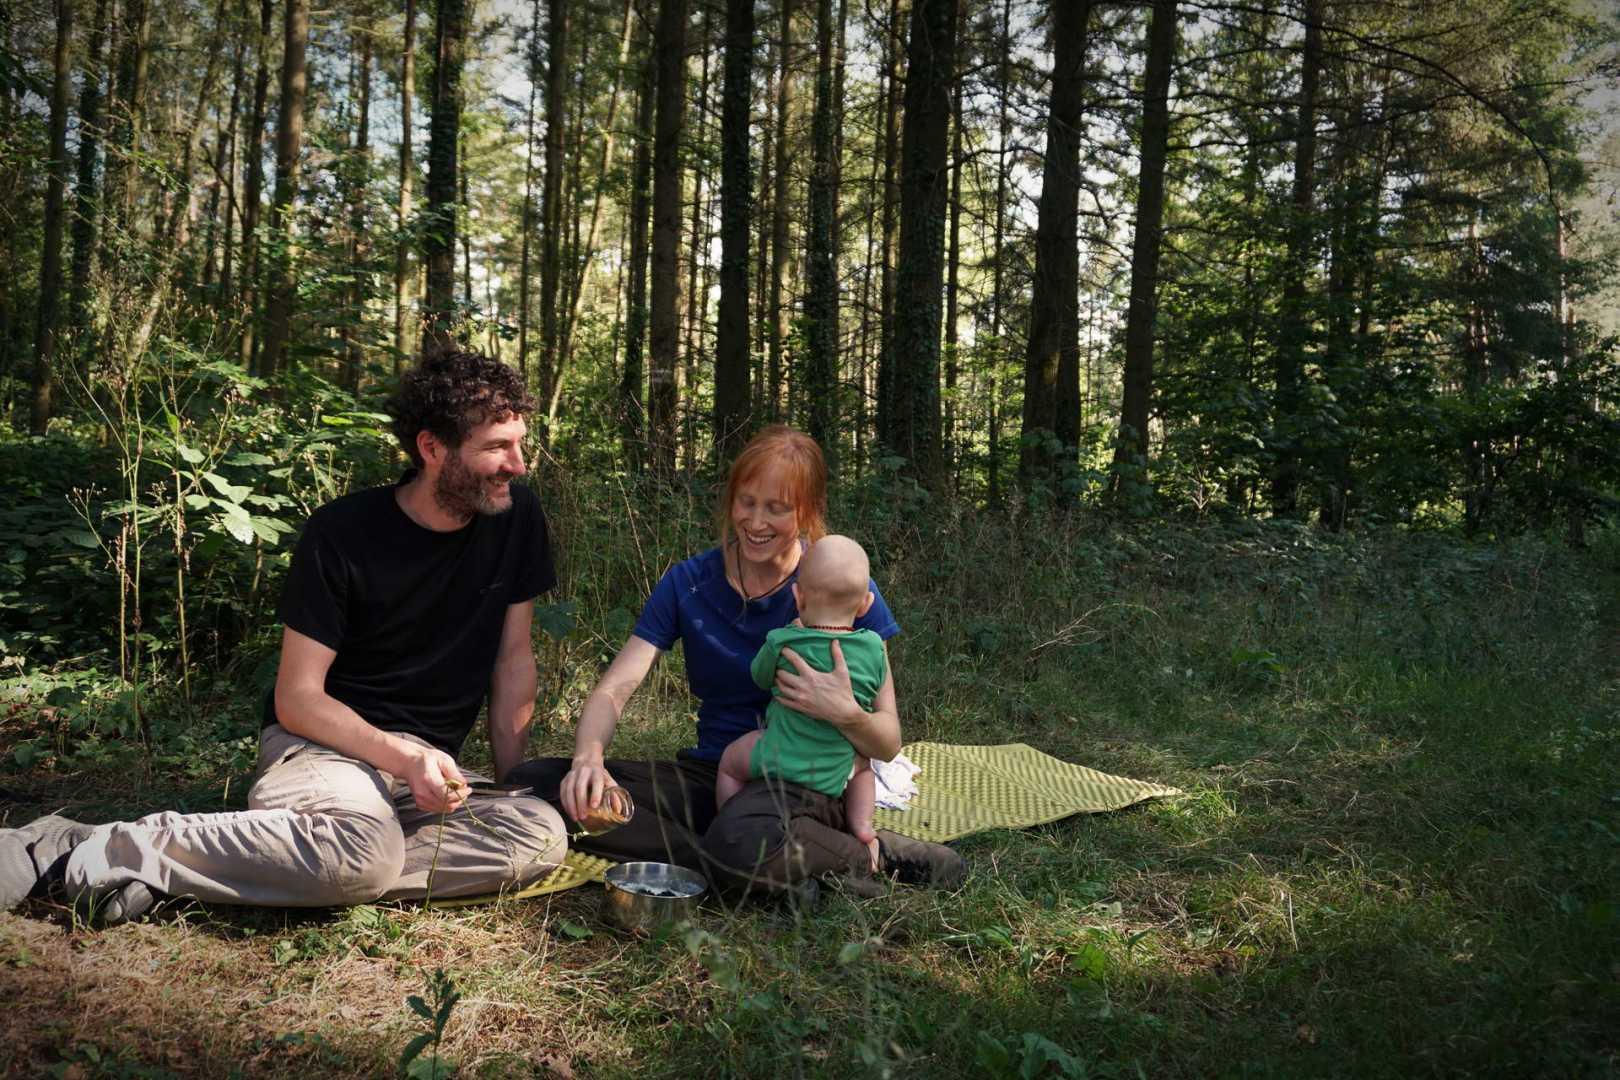 Jaddy und Jana genießen den Griesbrei mit Wald-Brombeeren